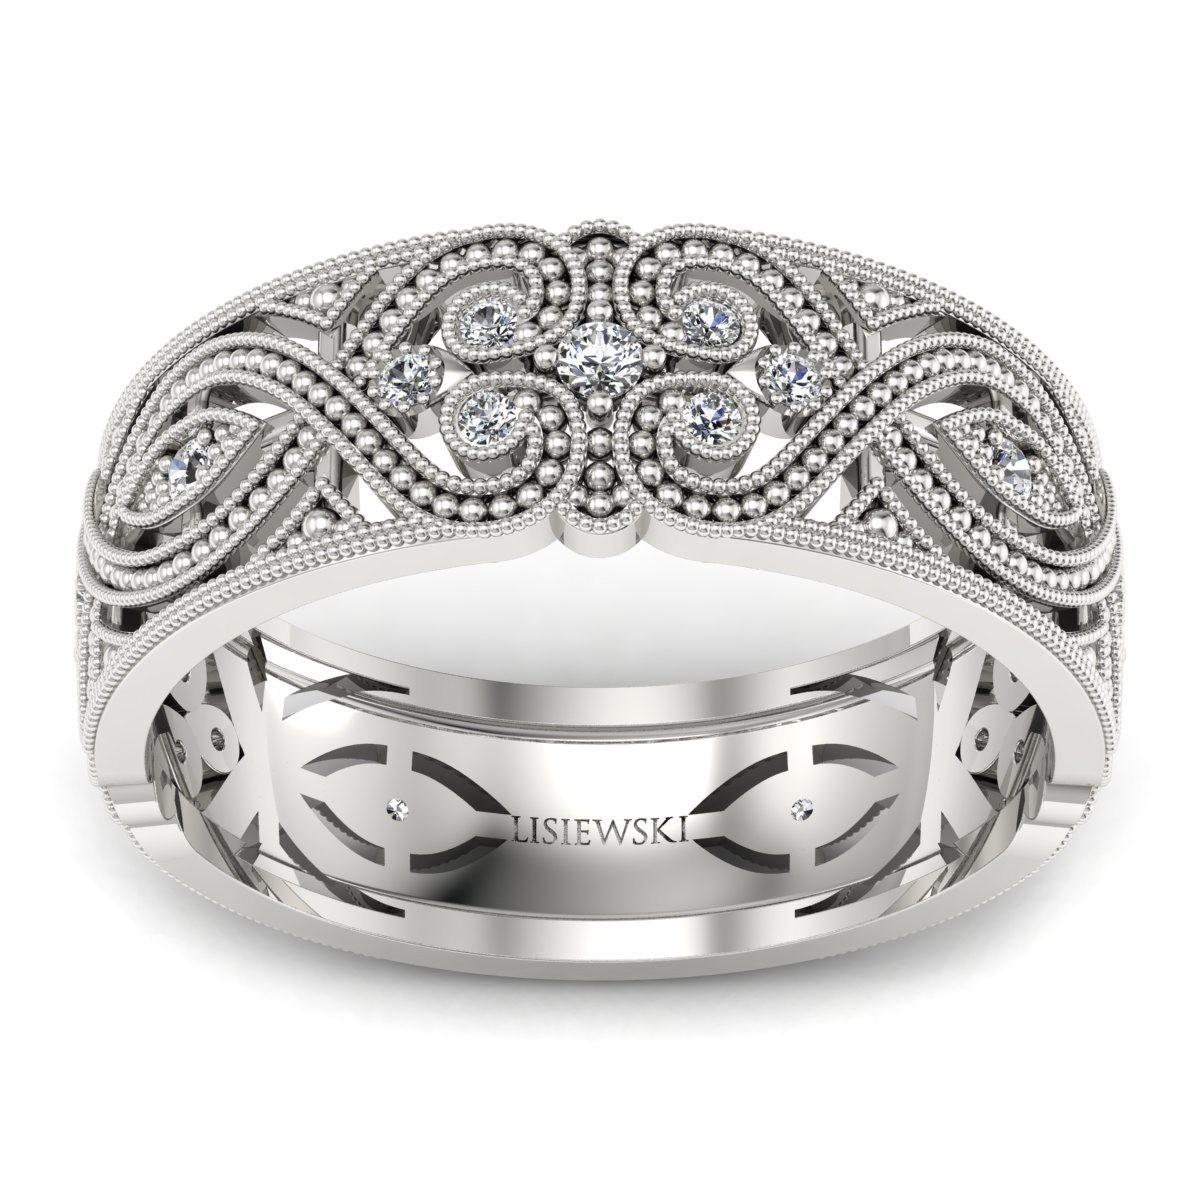 Royal - Platynowa obrączka ślubna z diamentami